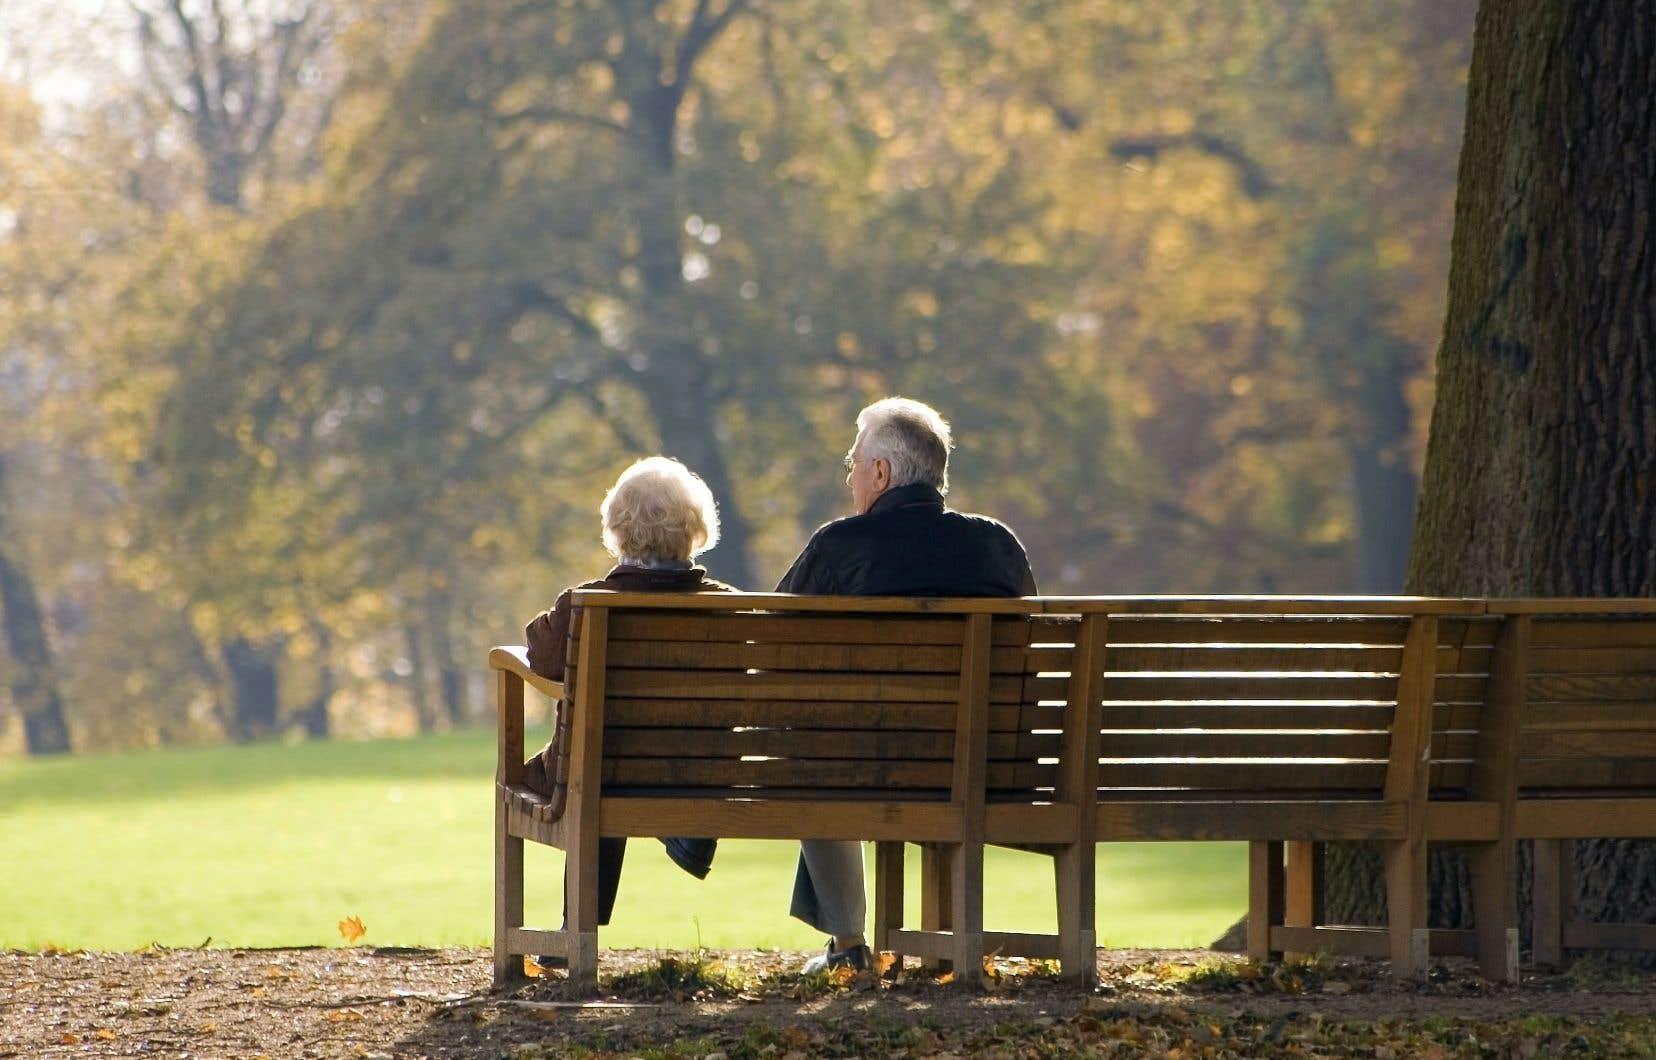 Au moment de faire des changements législatifs relatifs à la retraite, le gouvernement devrait mieux consulter les groupes concernés, notamment les retraités eux-mêmes.